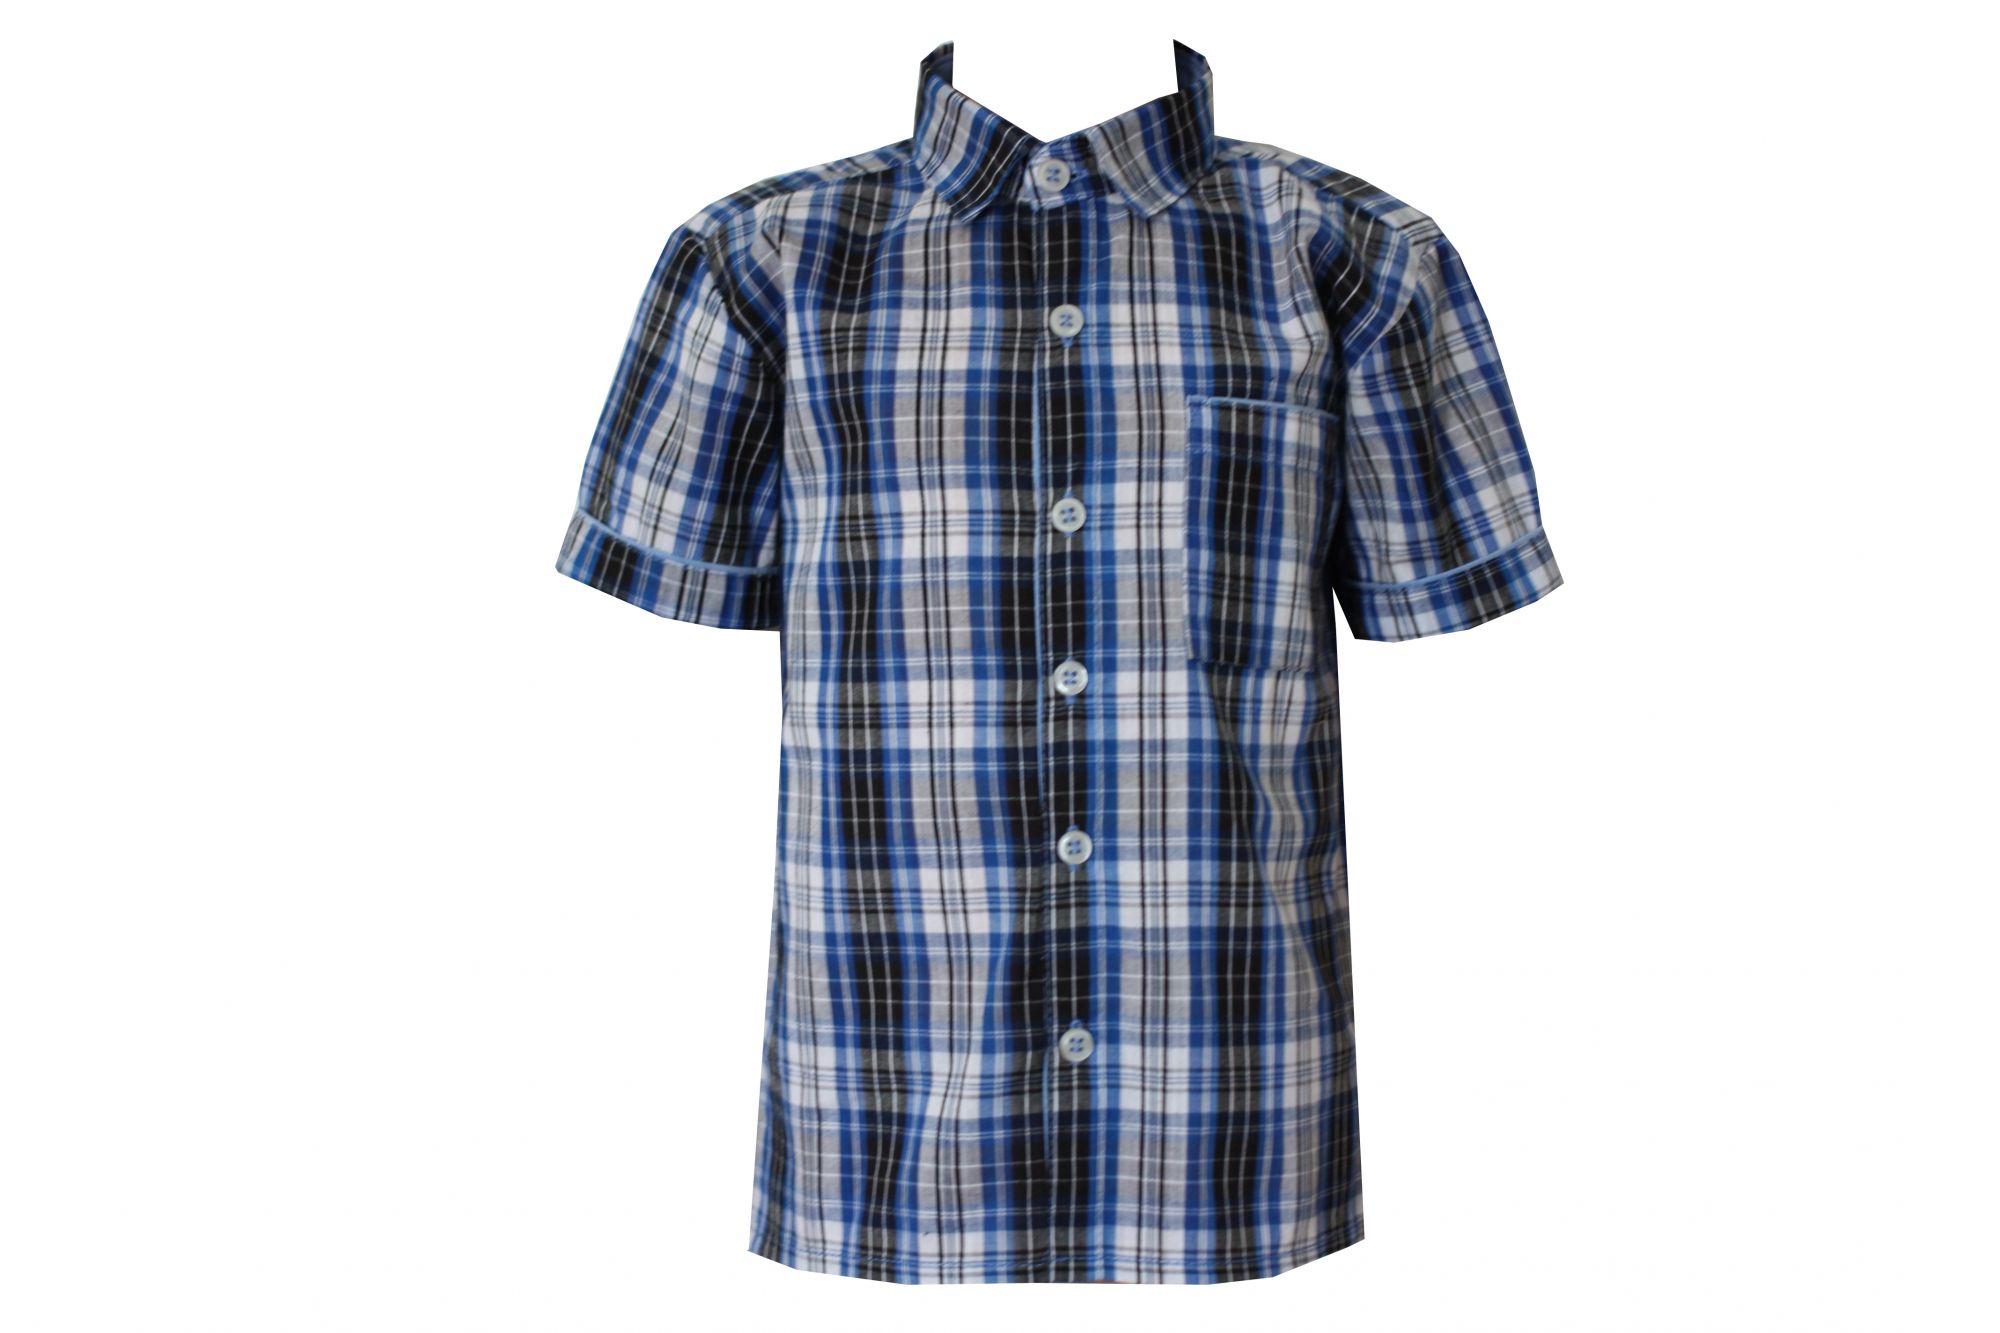 0047886 Рубашка для мальчика детская (клетка)